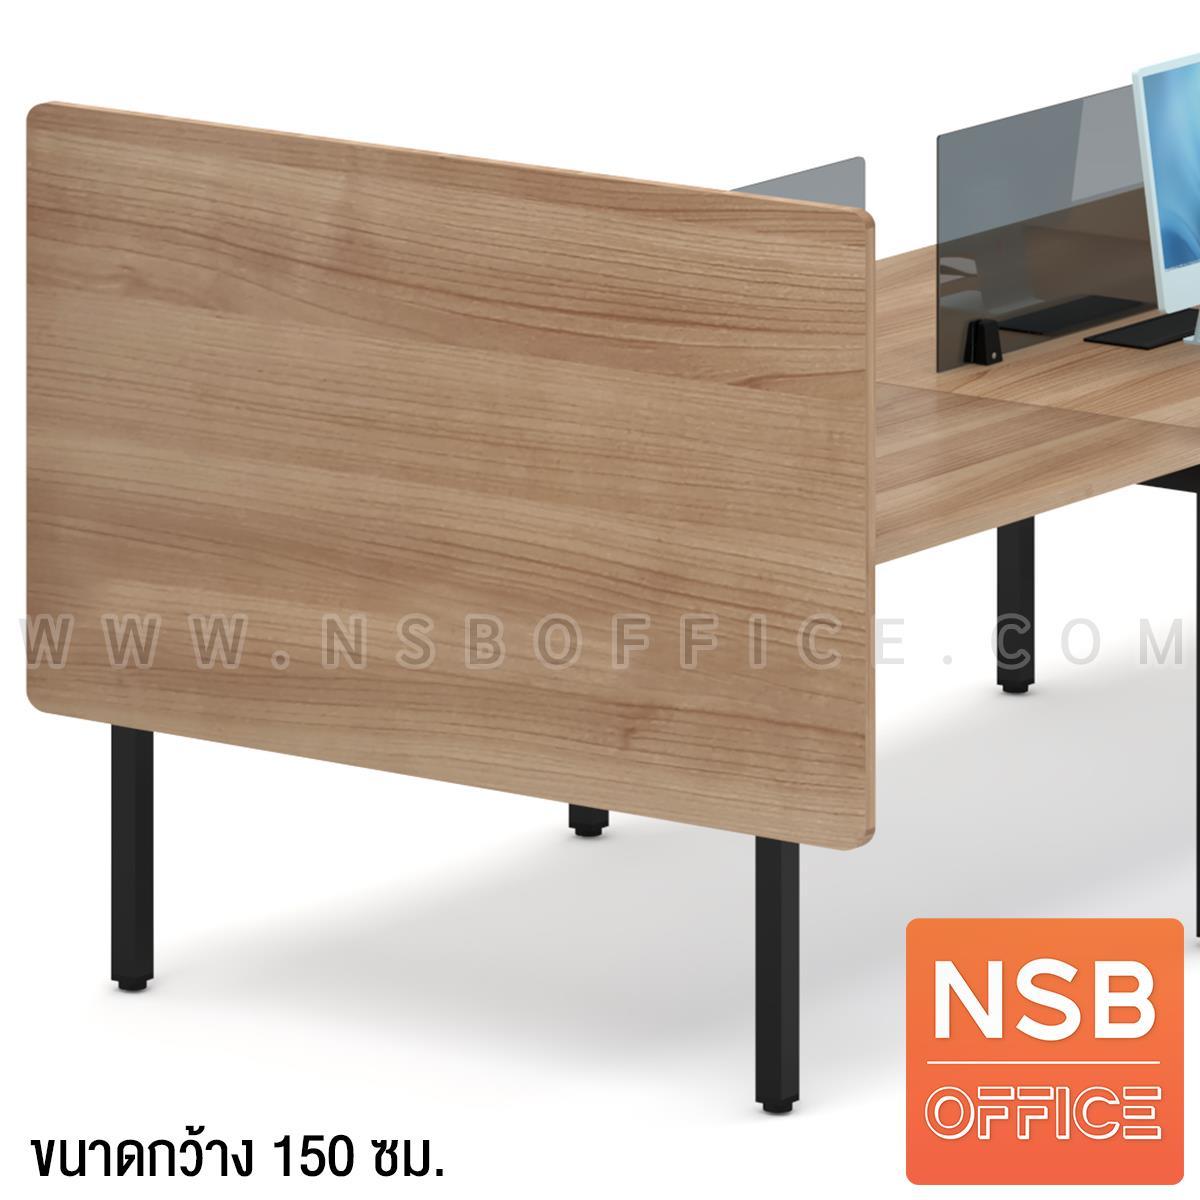 พาร์ทิชั่นไม้กั้นด้านข้างสำหรับหัวโต๊ะ รุ่น Ringo (ริงโก) ขนาด 120W, 150W cm.